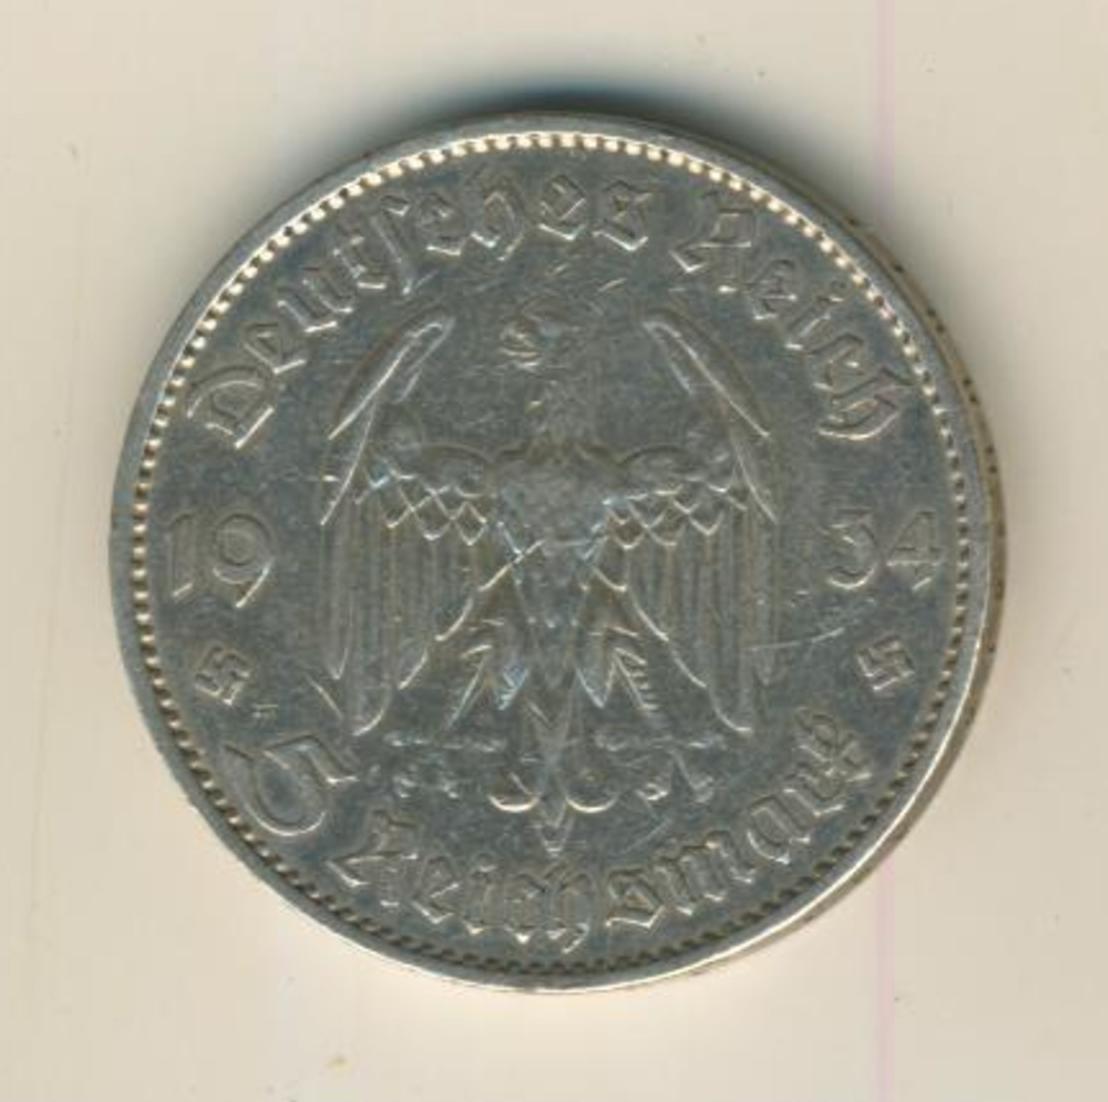 5 Reichsmark 1935,A, Garnisonskirche ,Silber 900/1000  (30) 0